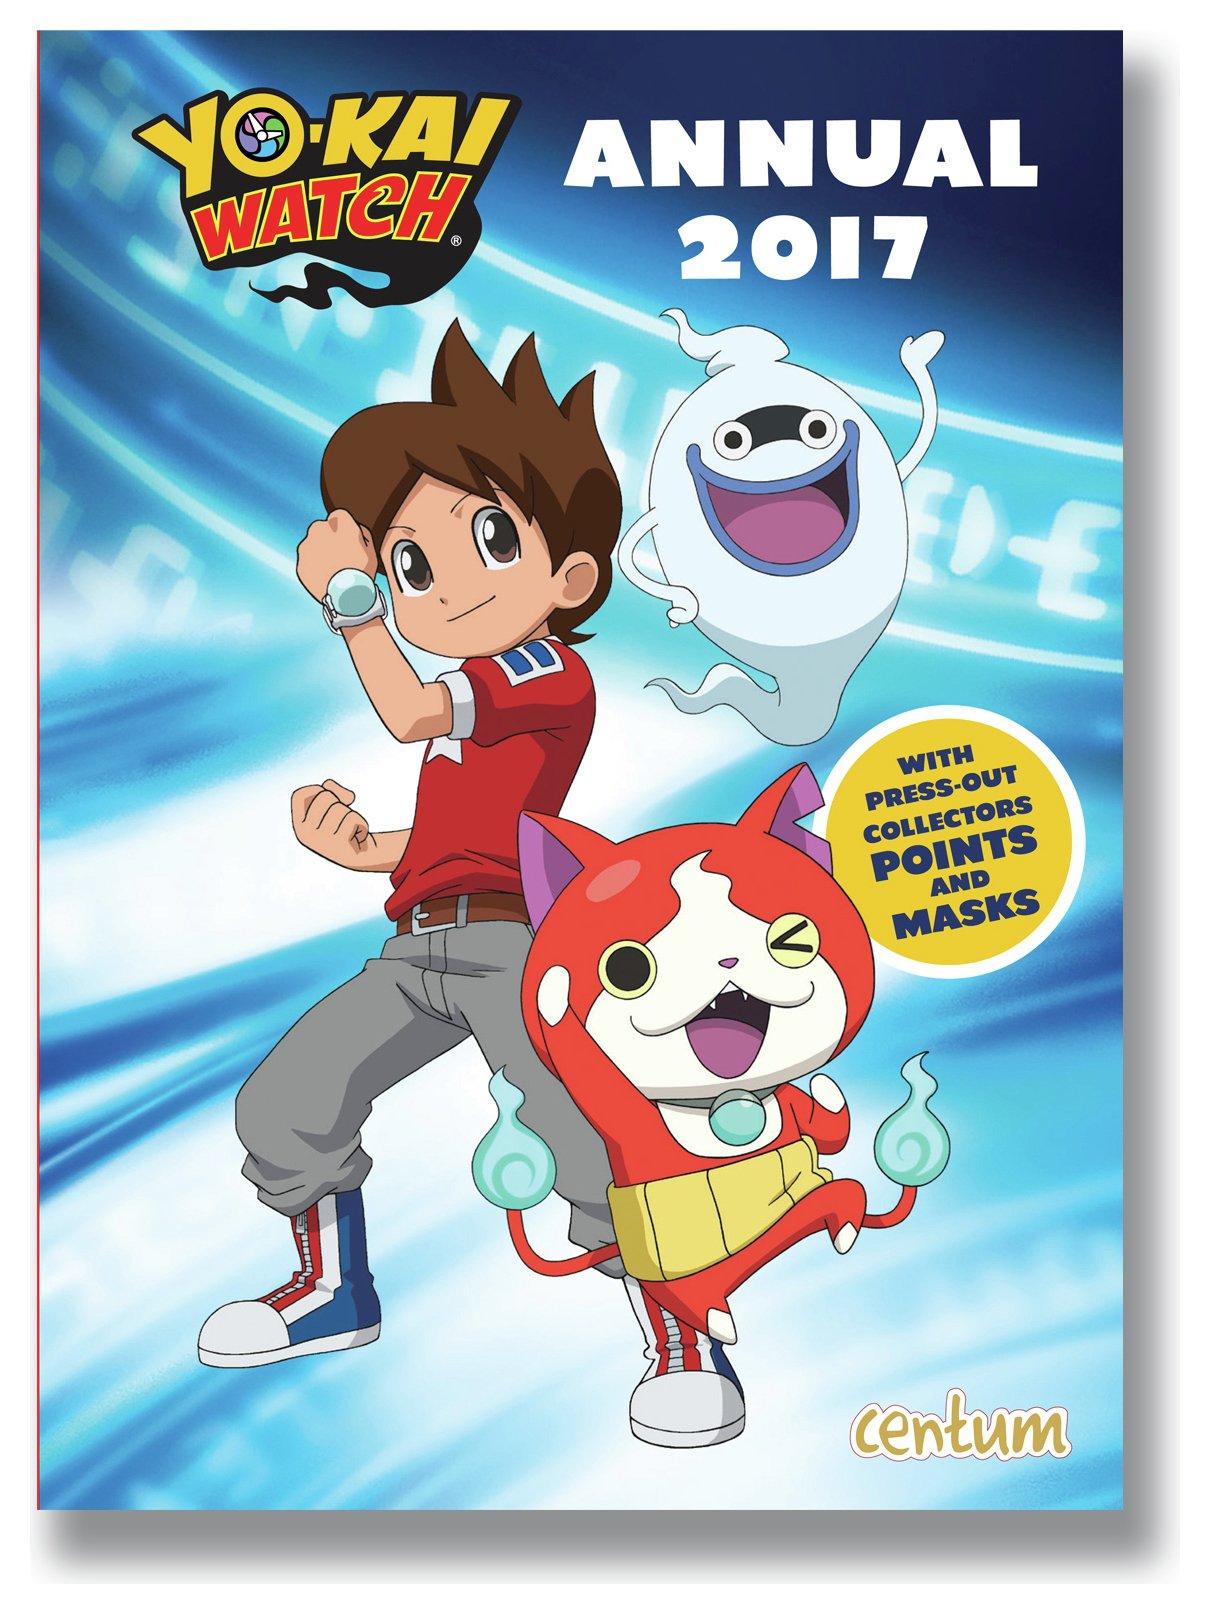 2017 Annual Yo-kai Watch.